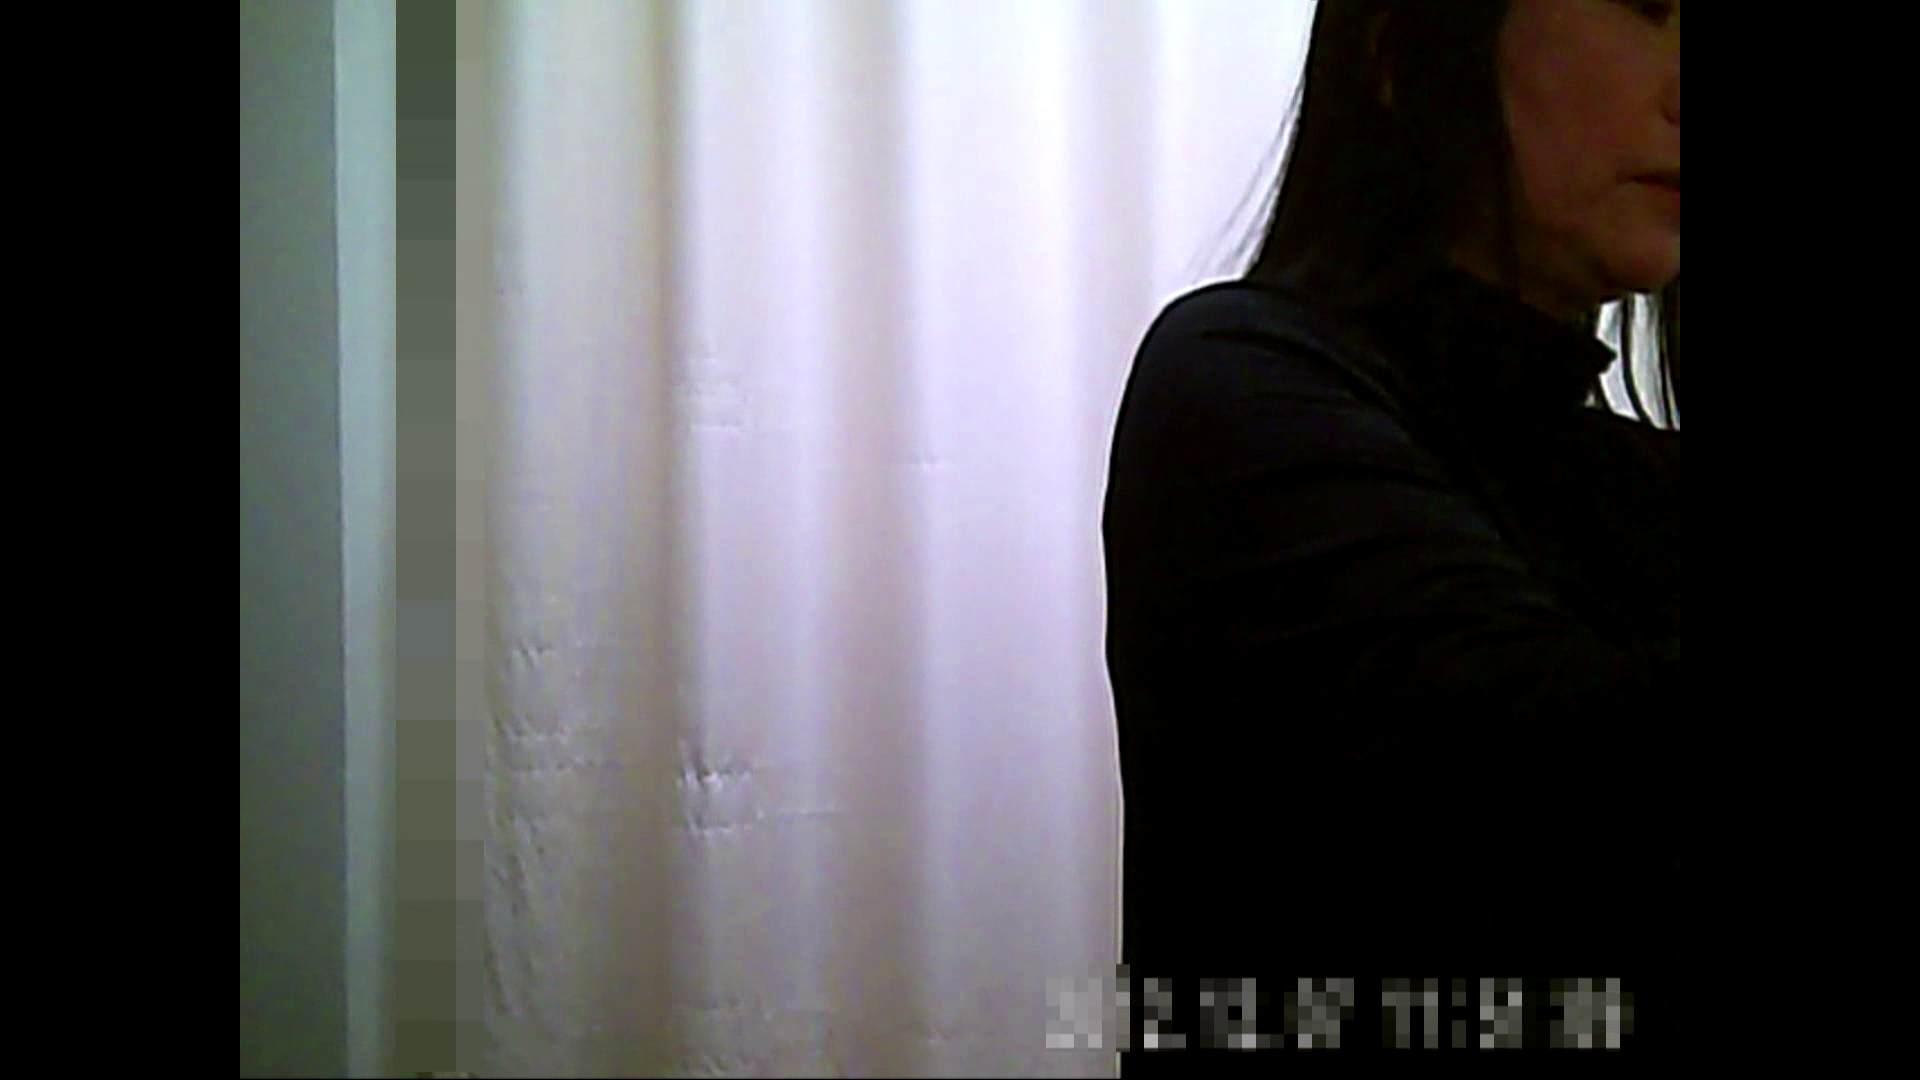 元医者による反抗 更衣室地獄絵巻 vol.126 OL  91pic 36